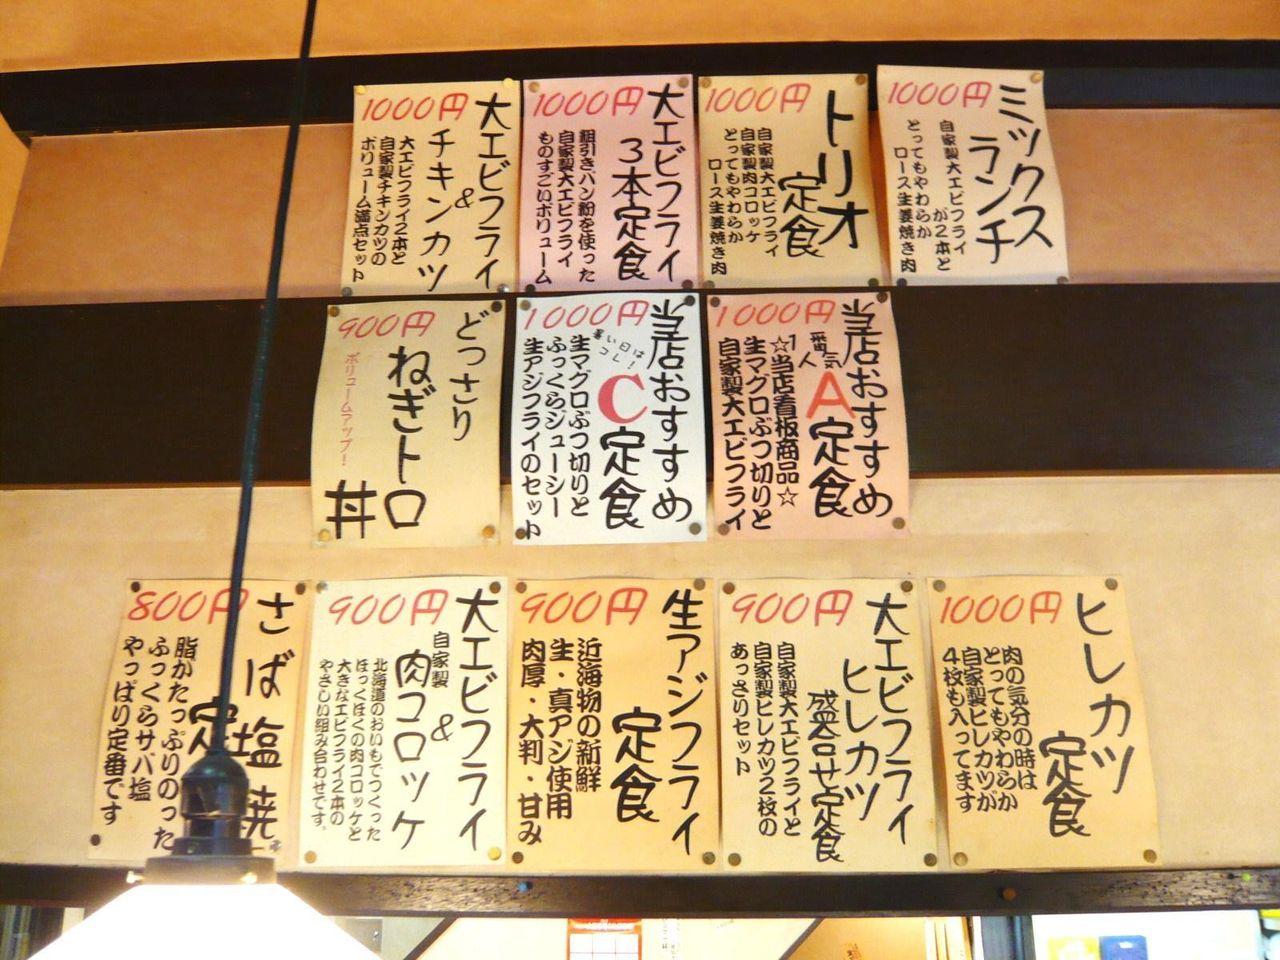 三洋食堂のメニュー(24年3月現在)